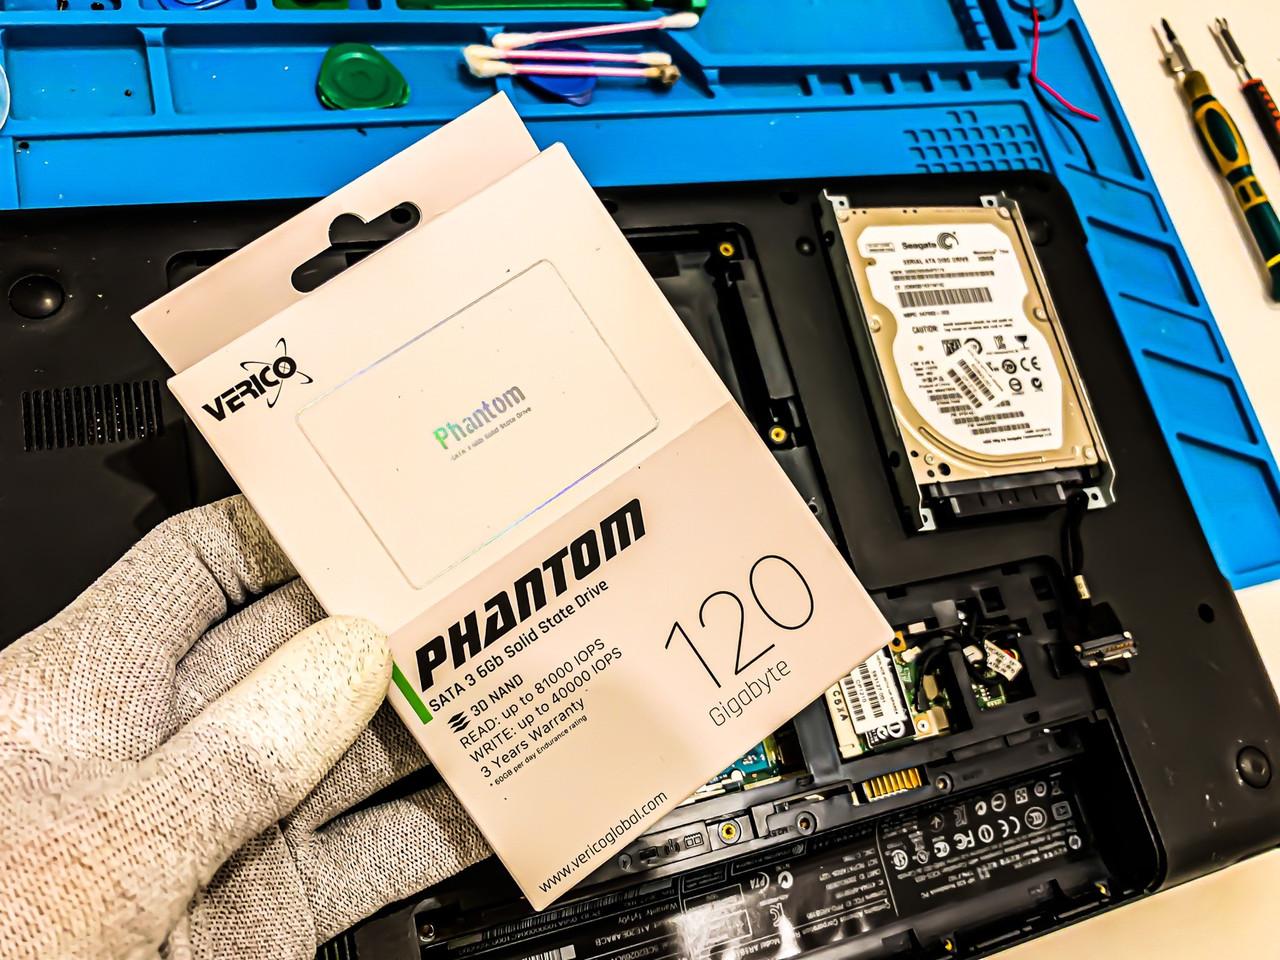 Модернизация ноутбука HP 630 - Замена старого HDD диска на НОВЫЙ SSD накопитель / Киев